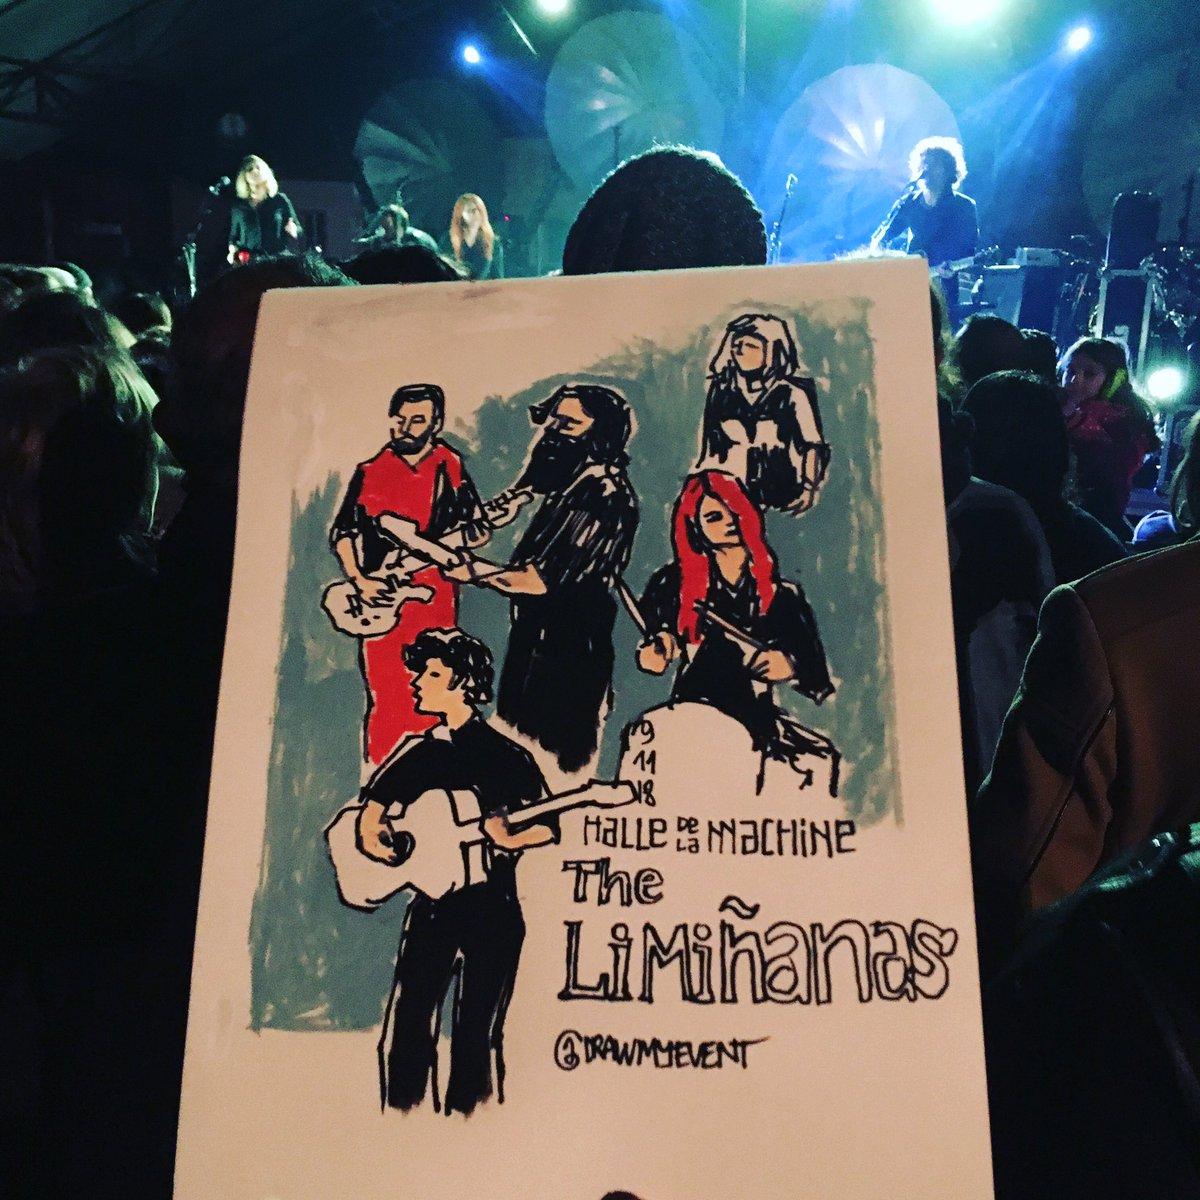 RT @DrawEvent: #halledelamachine #urbansketchers #theliminanas concert en cours, très bon ! https://t.co/qOvZXU6Z5E